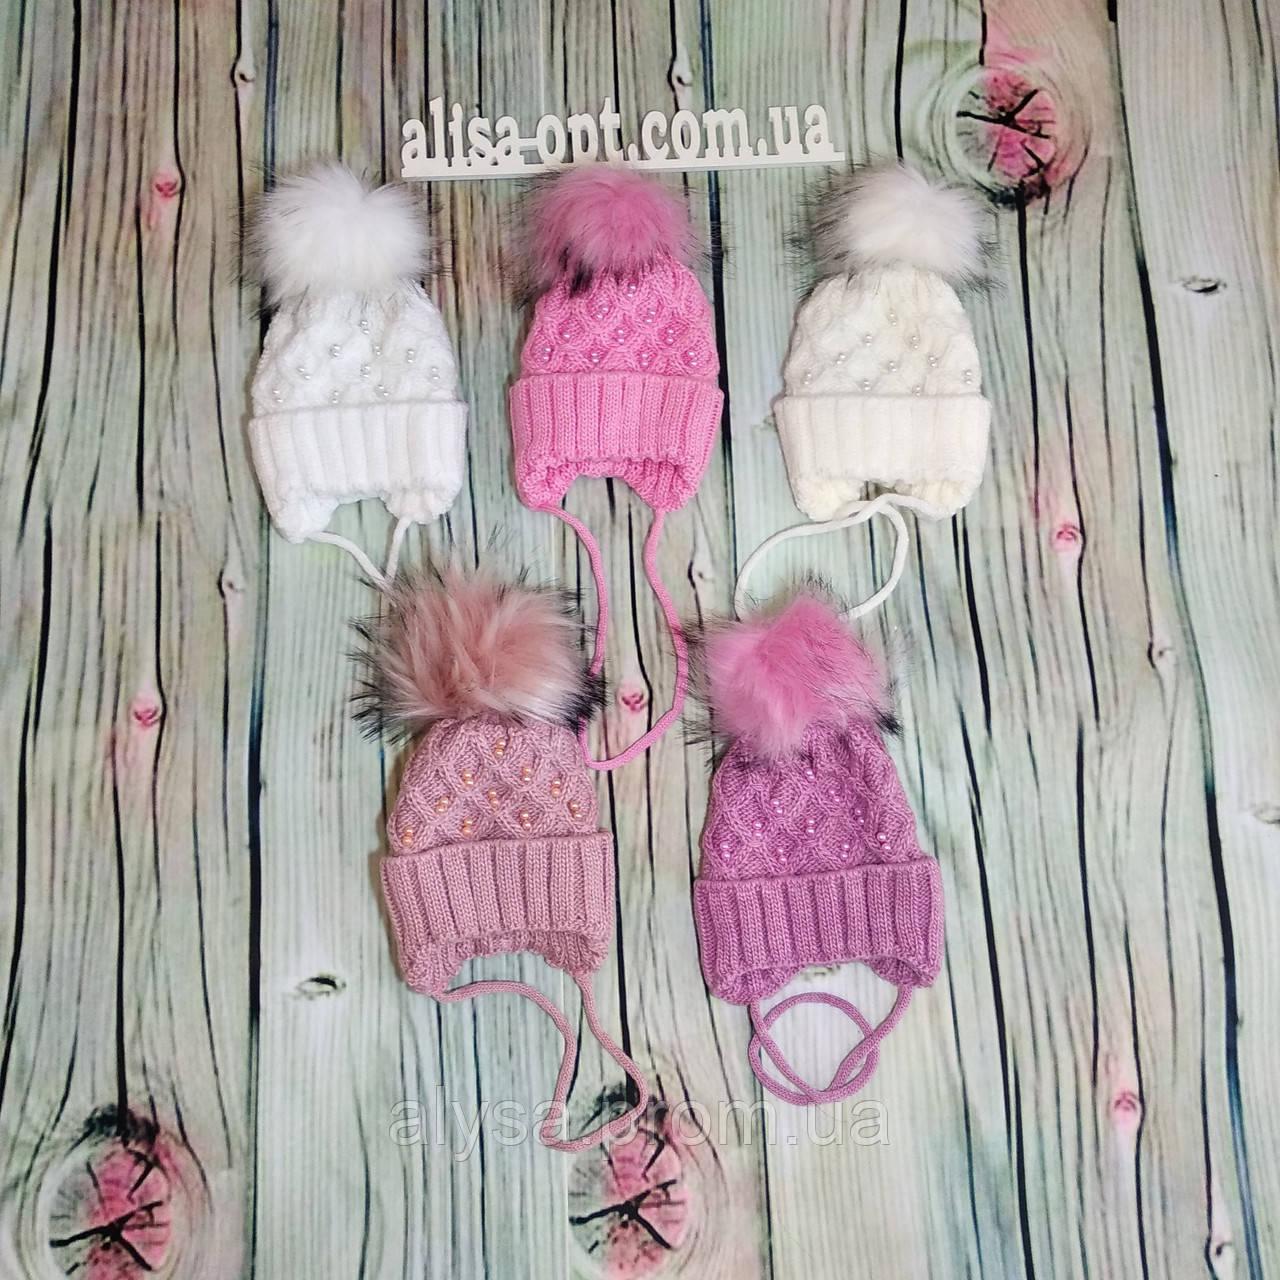 Дитяча шапочка для дівчинки Р-001 акрил, підкладка - фліс